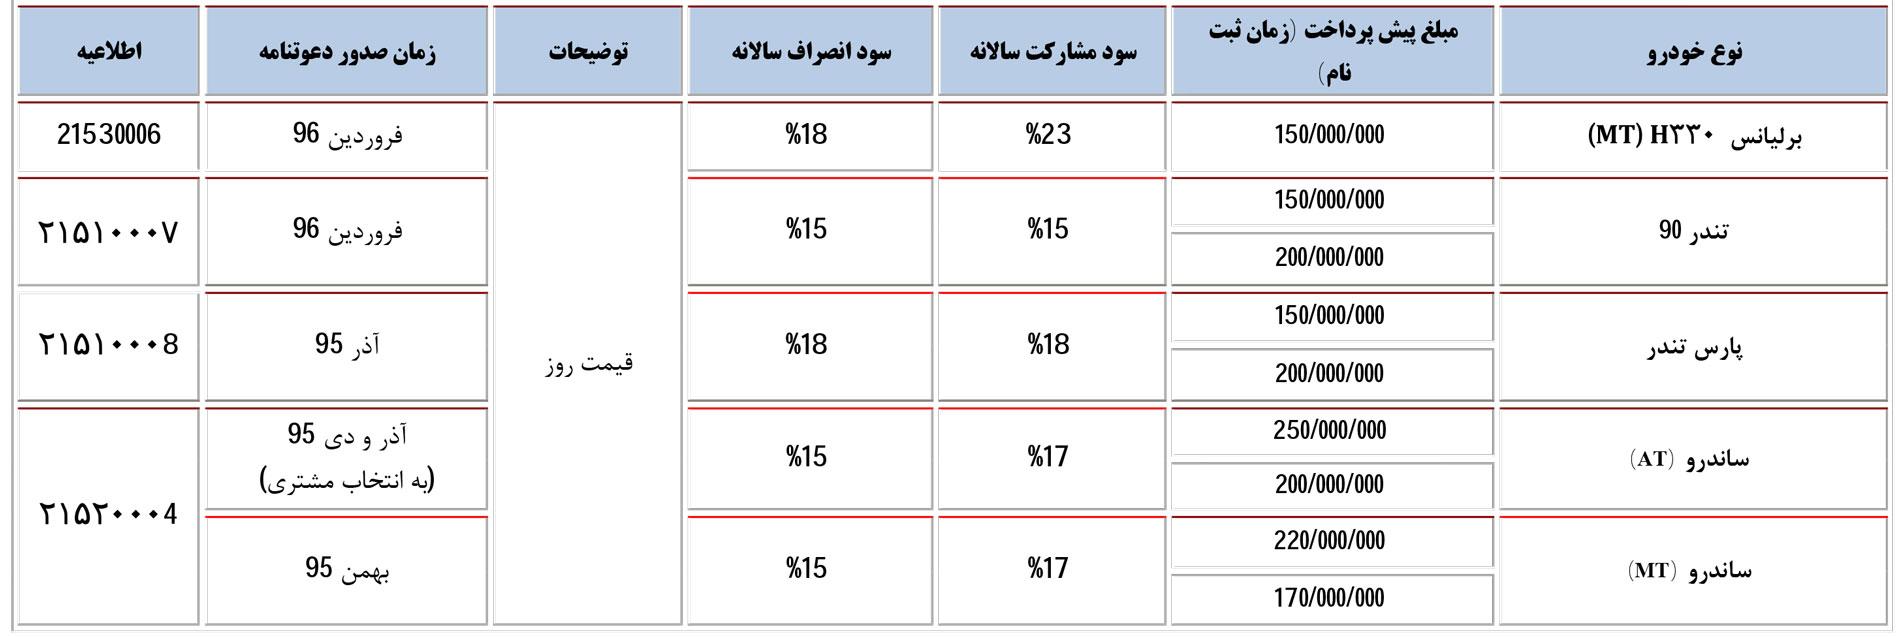 پیش فروش محصولات «پارس خودرو» با شرایط ویژه (+جدول)